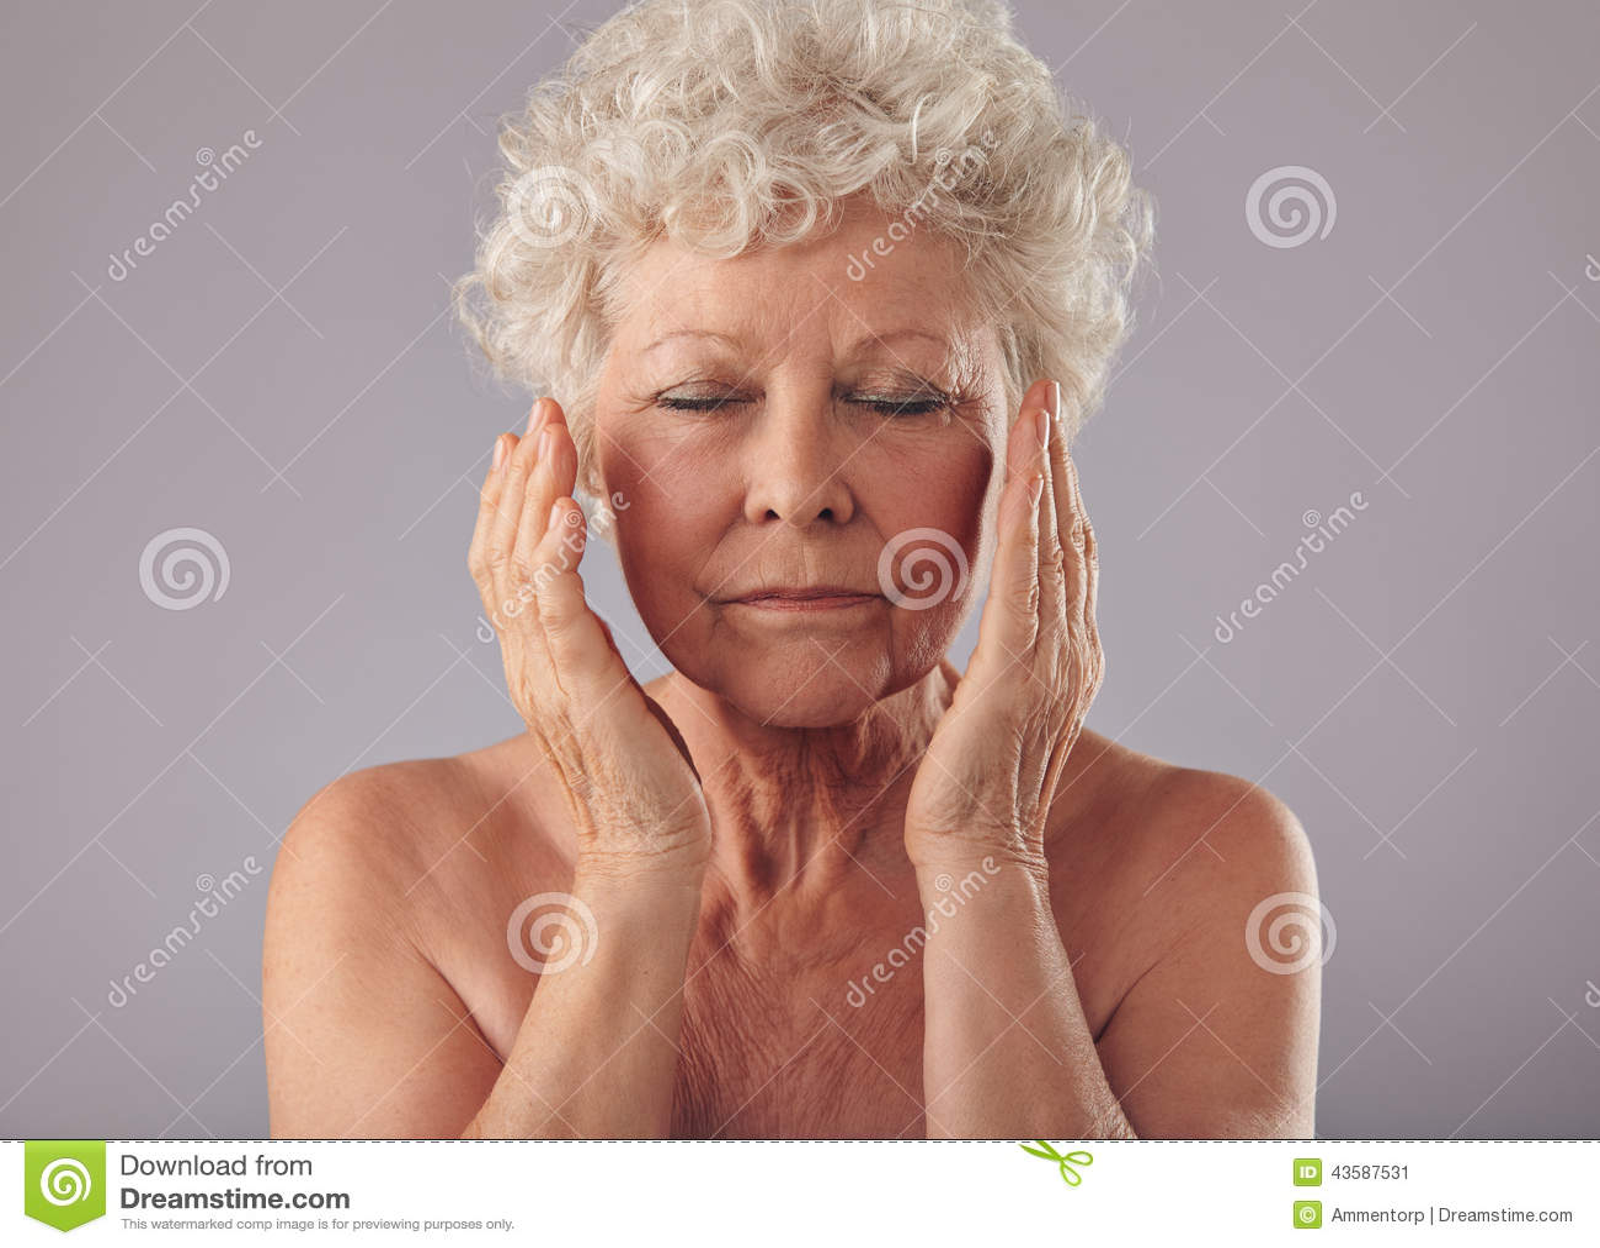 mujer mayor que toca su cara imagen de archivo imagen 43587531. Black Bedroom Furniture Sets. Home Design Ideas